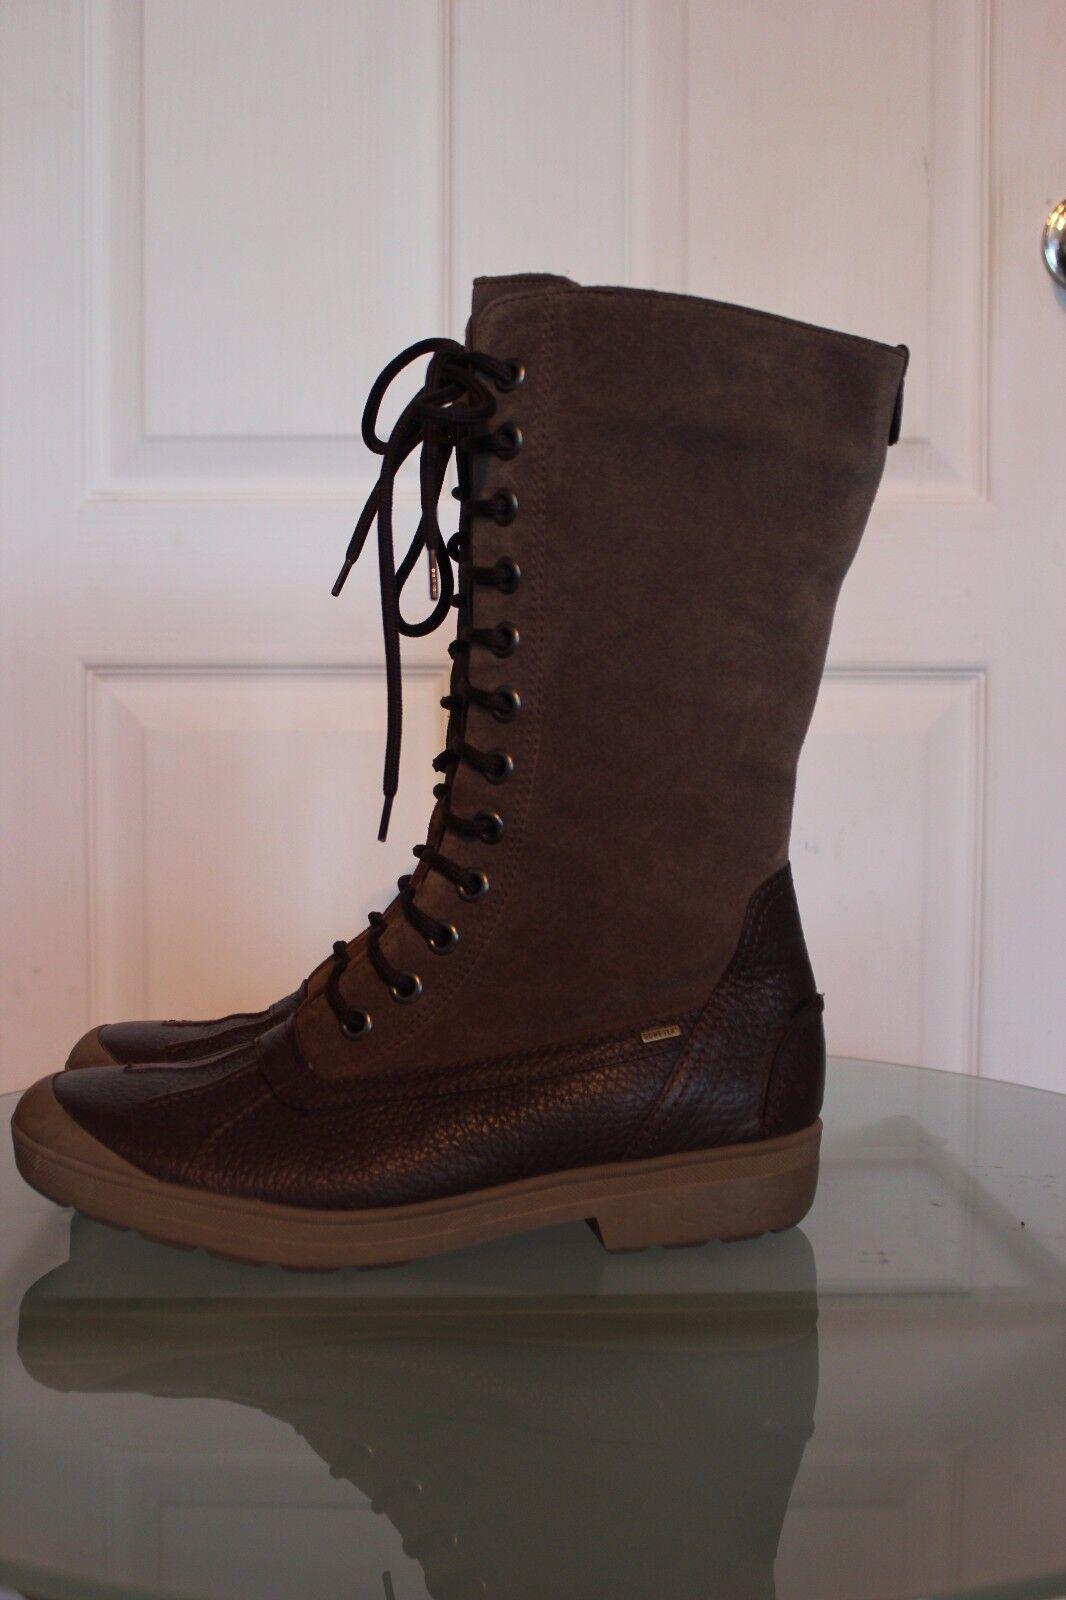 HOGL Braun Echtleder+Gore-Tex Stiefel mit Wolle,Gr. 42 UK8, NP  ,2x getragen